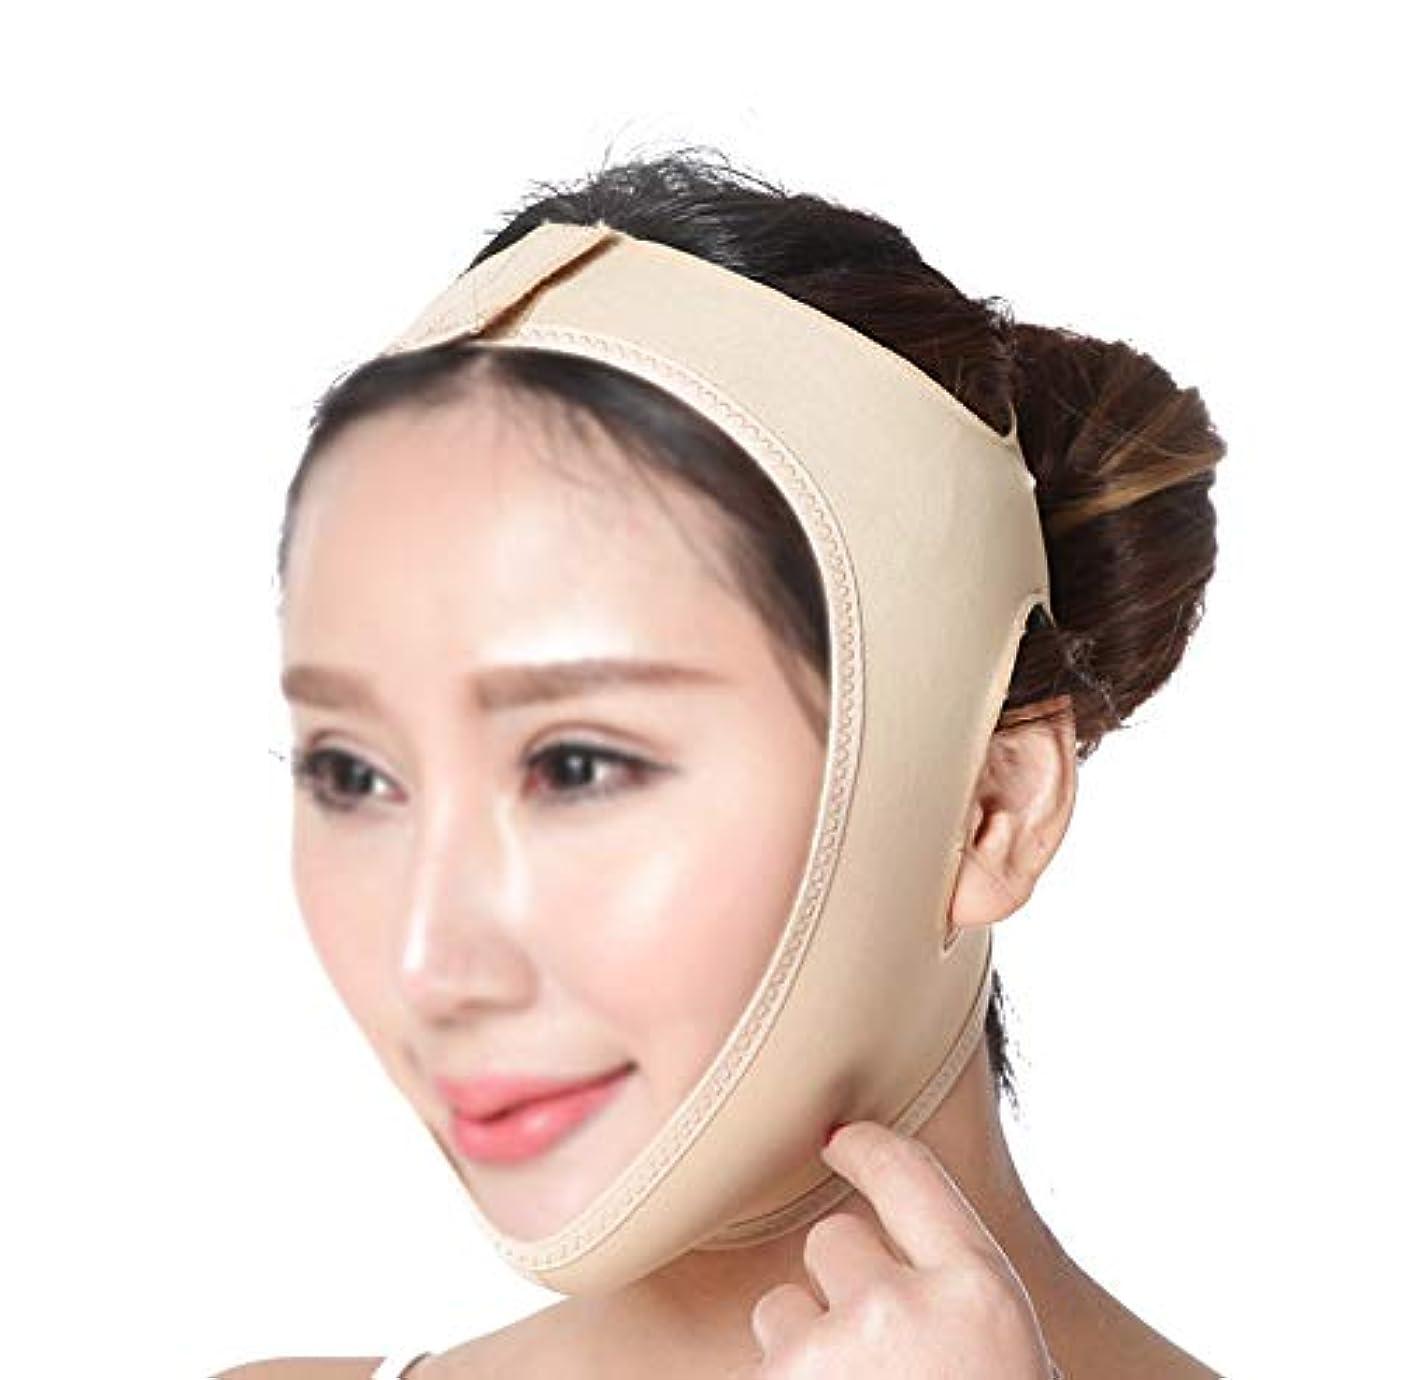 サラミ役立つ窓を洗う美容顔包帯v顔楽器フェイスマスクアーティファクトフェイスリフト引き締め睡眠ネットワークフェイシャルマッサージ (Size : S)